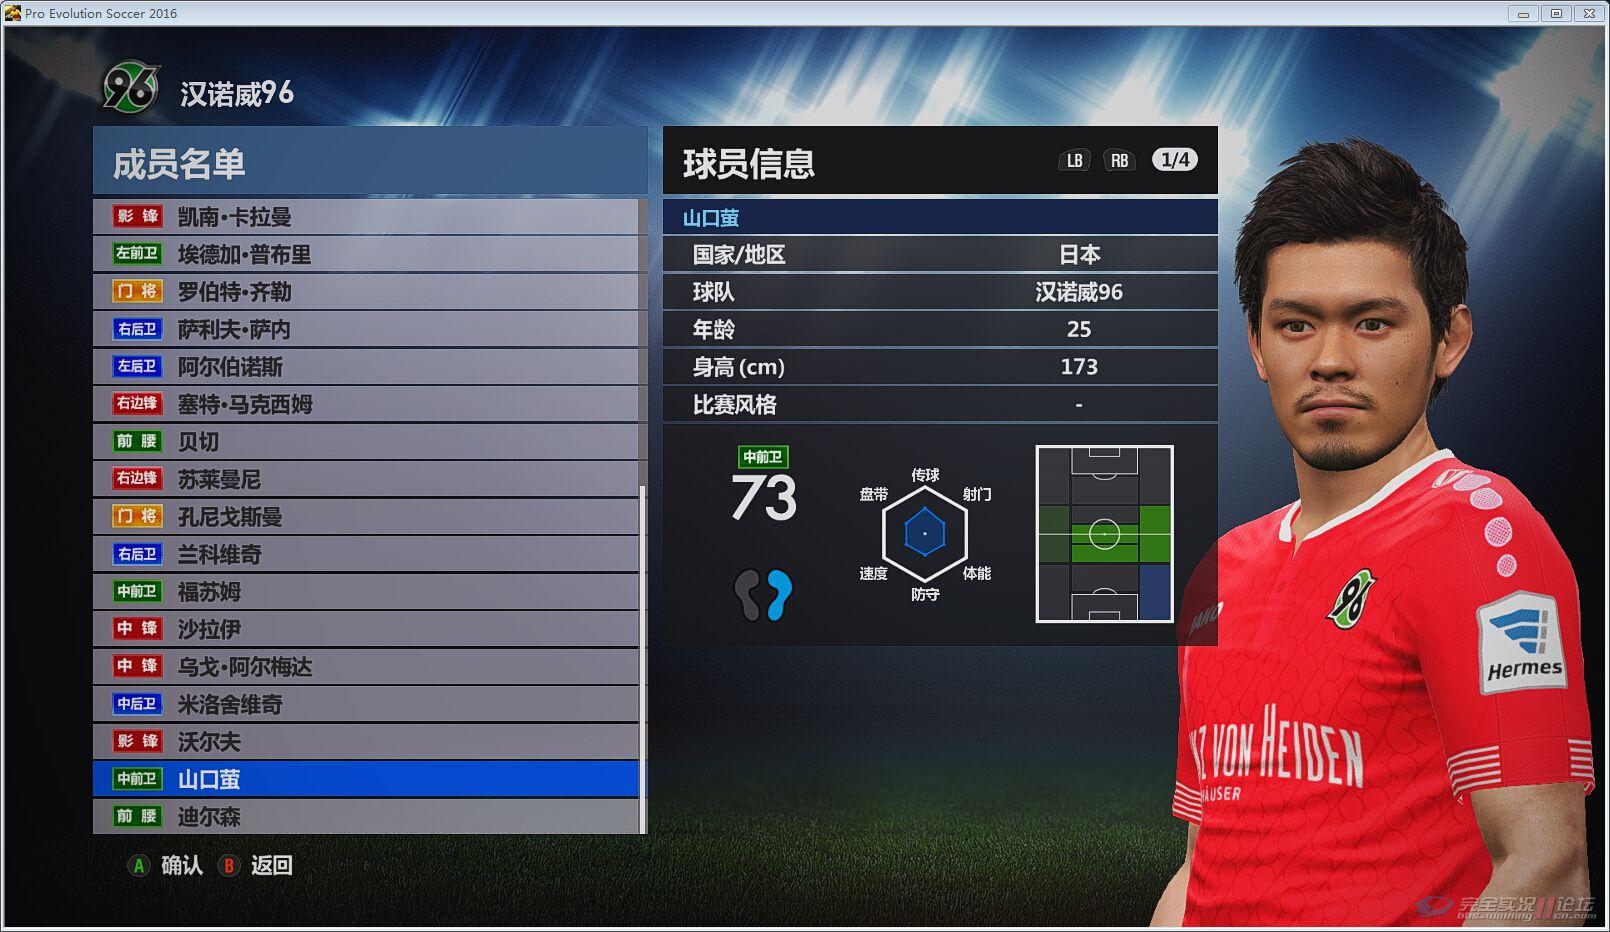 实况足球3_完全实况_pes2016_实况足球2016_pes2016中文版_pes